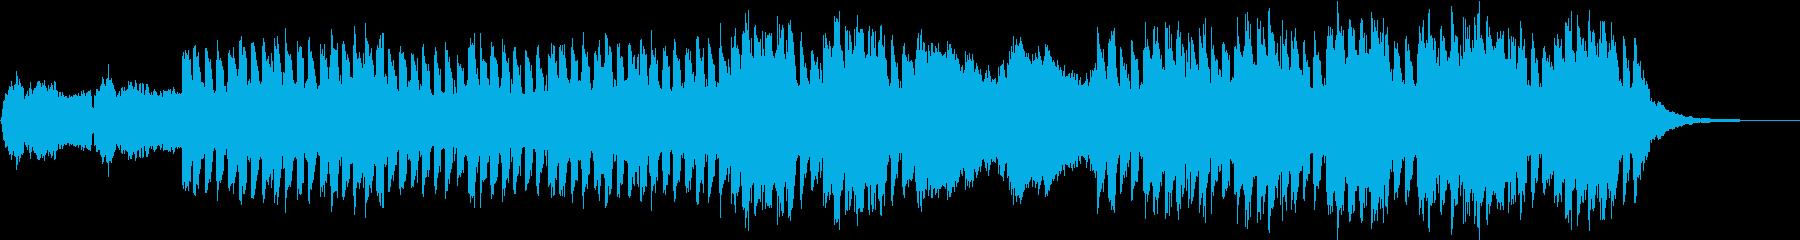 おしゃれ・モダン・EDM2の再生済みの波形